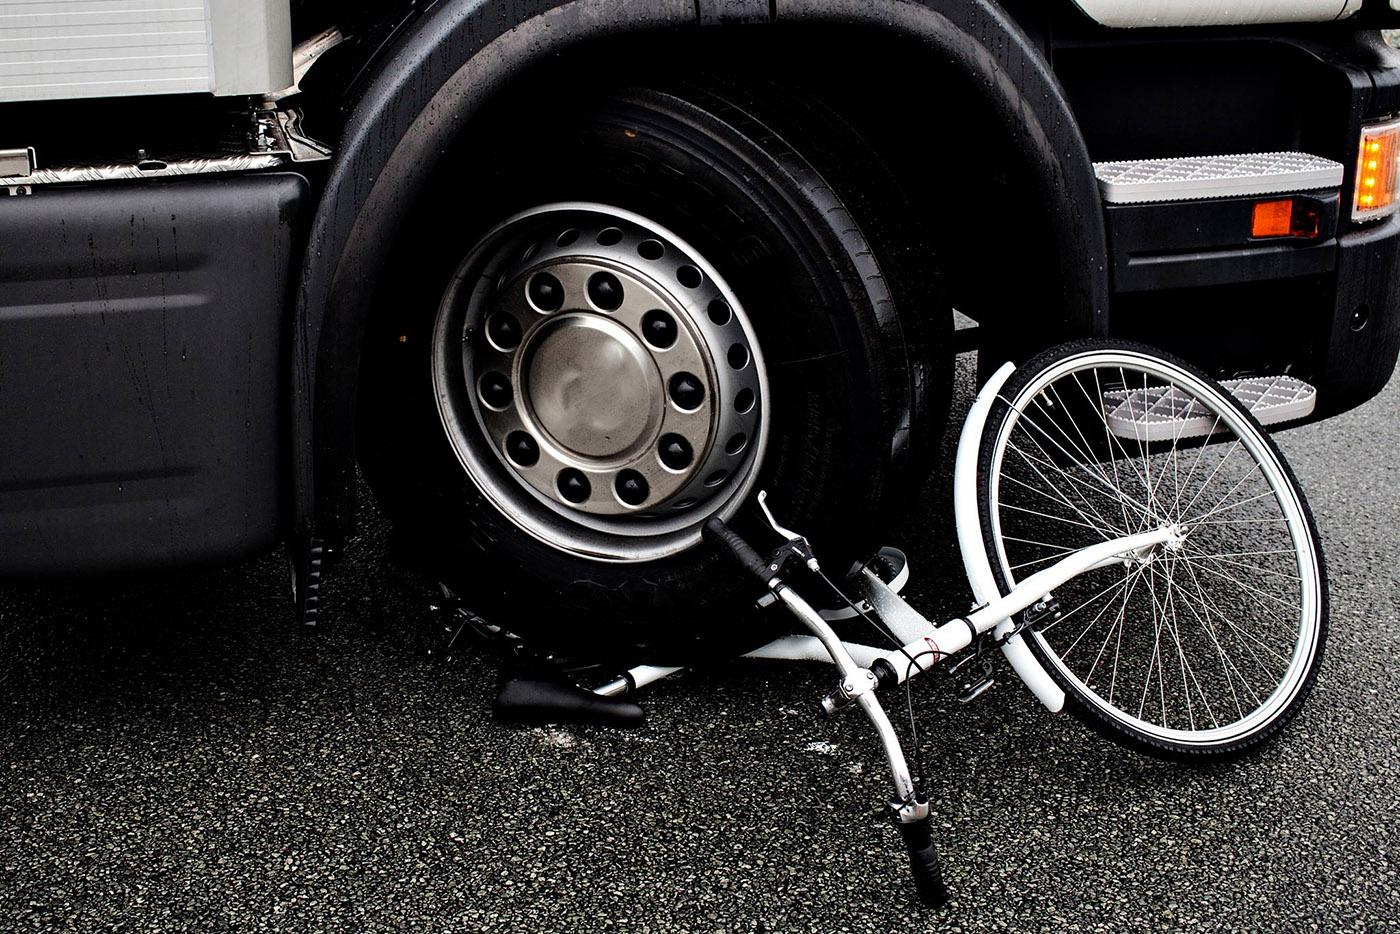 Cum vor fi afectate camioanele de noile sisteme de siguranță obligatorii din 2022?